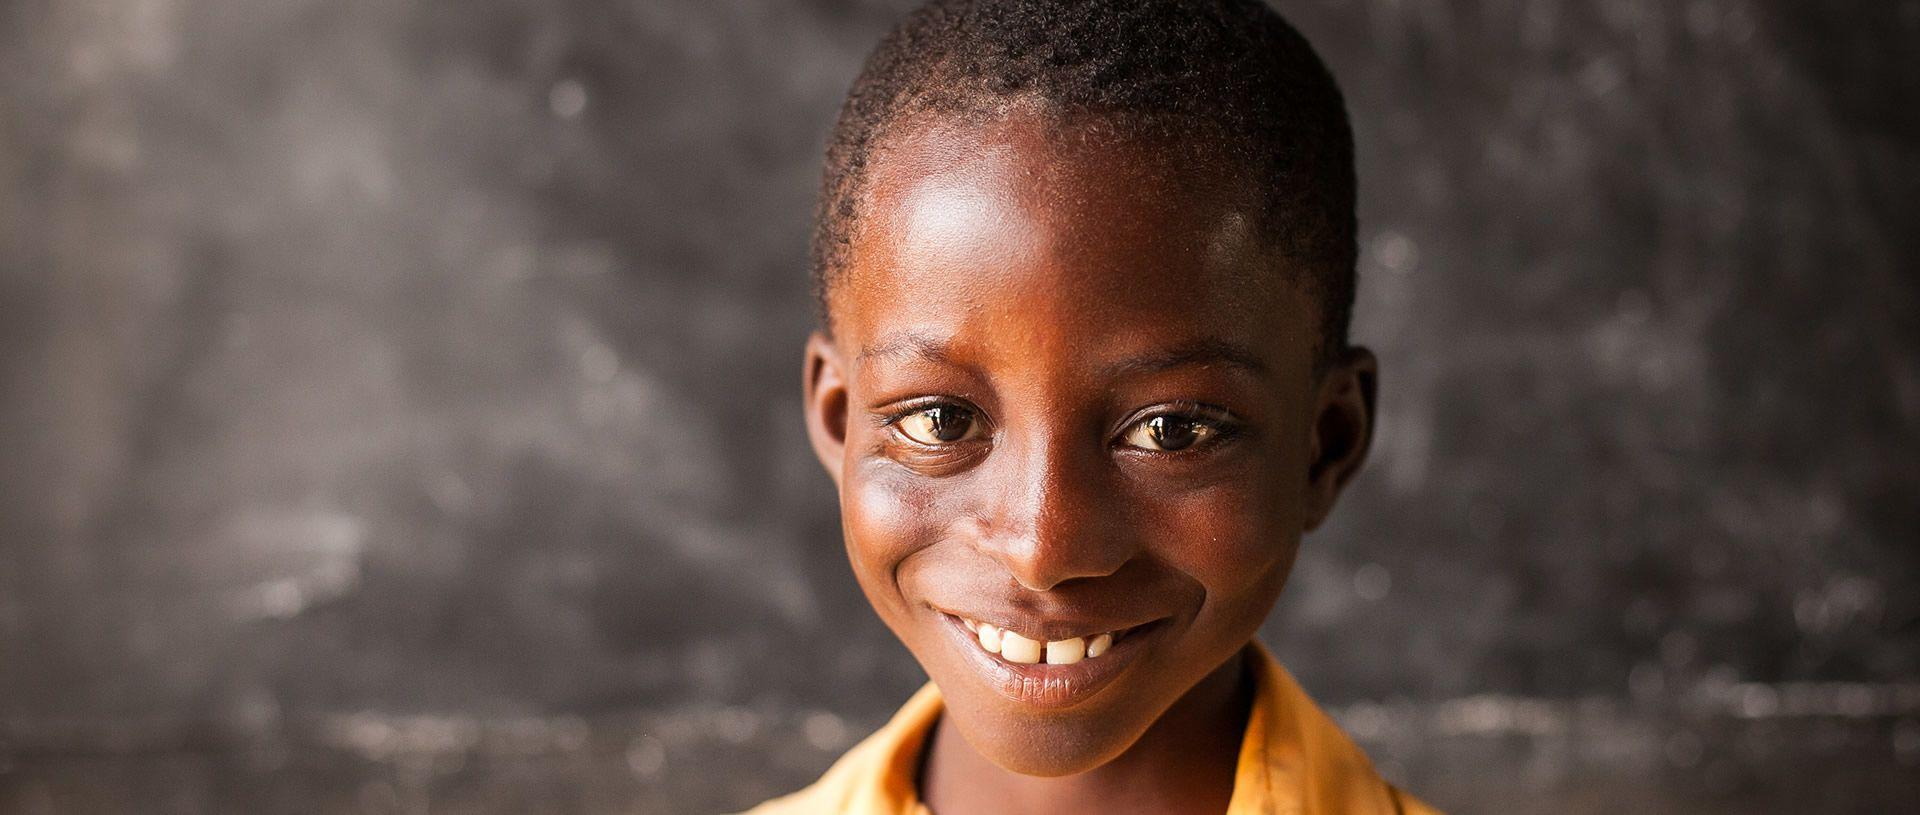 Ghana | Orphan's Promise